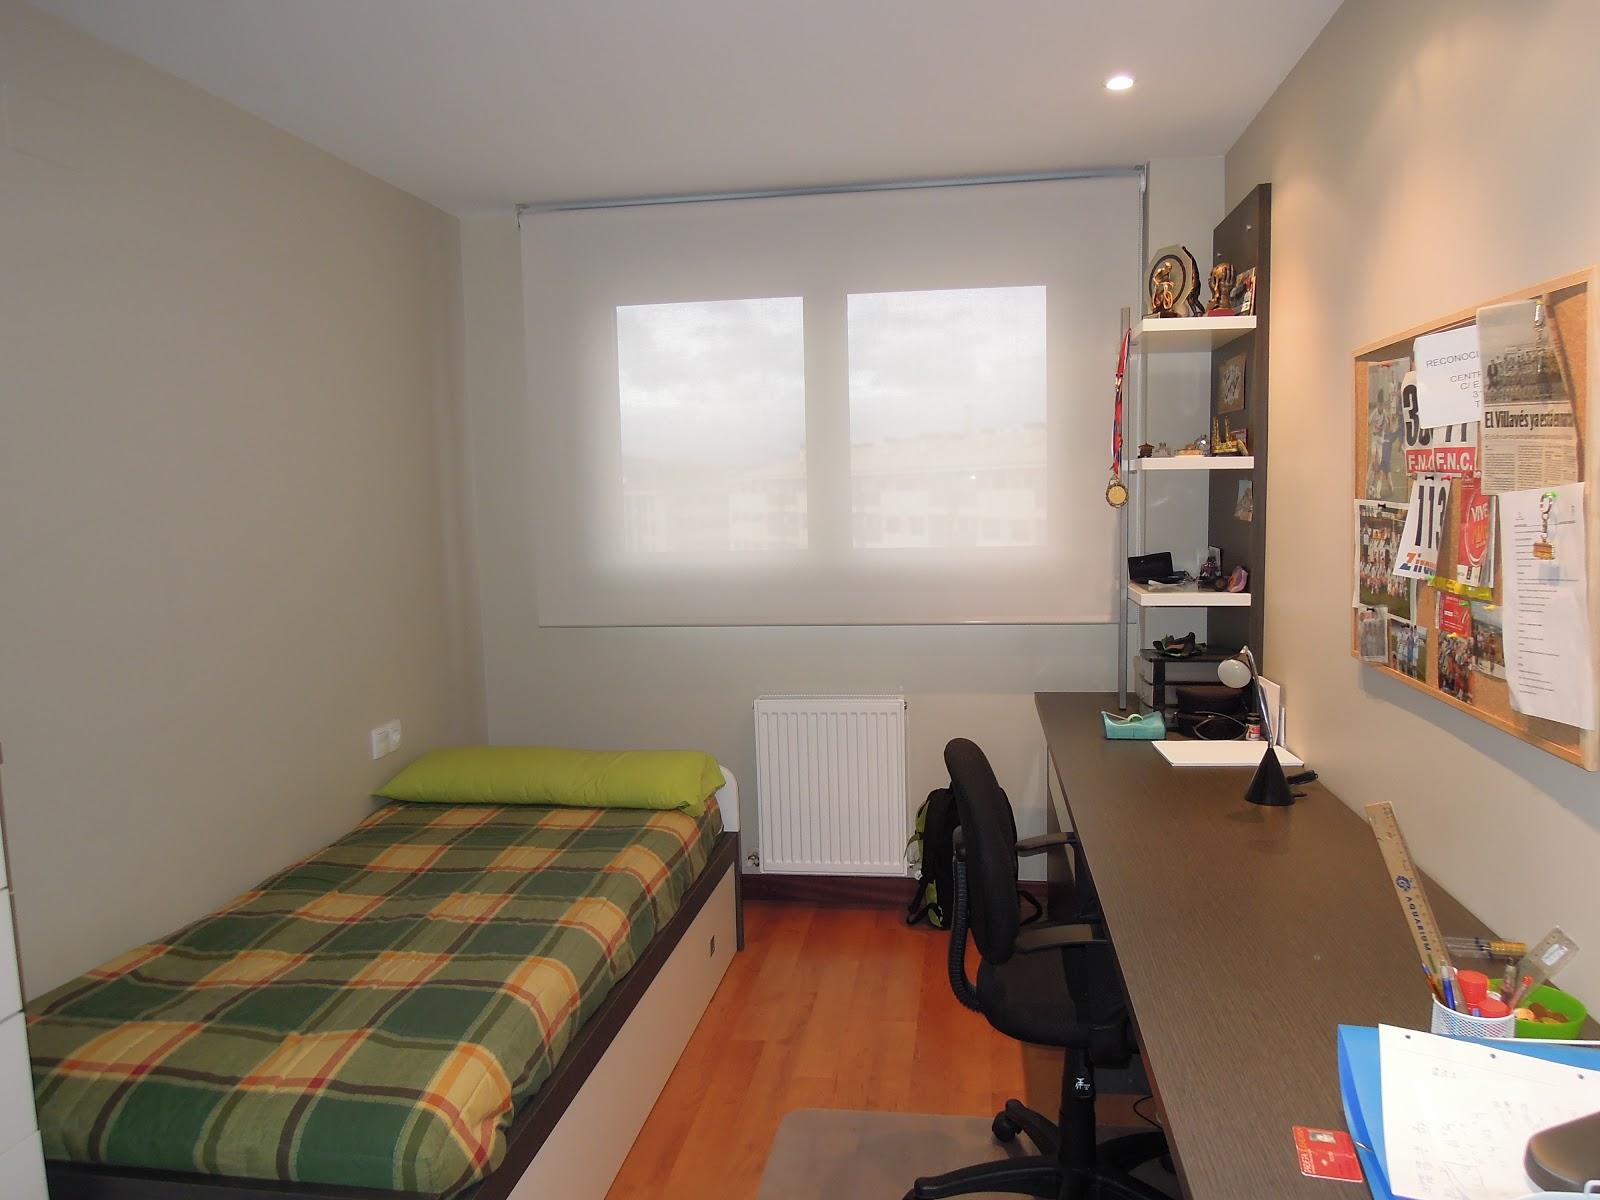 Fotos de cortinas dormitorio juvenil 2012 - Estores para habitacion de bebe ...